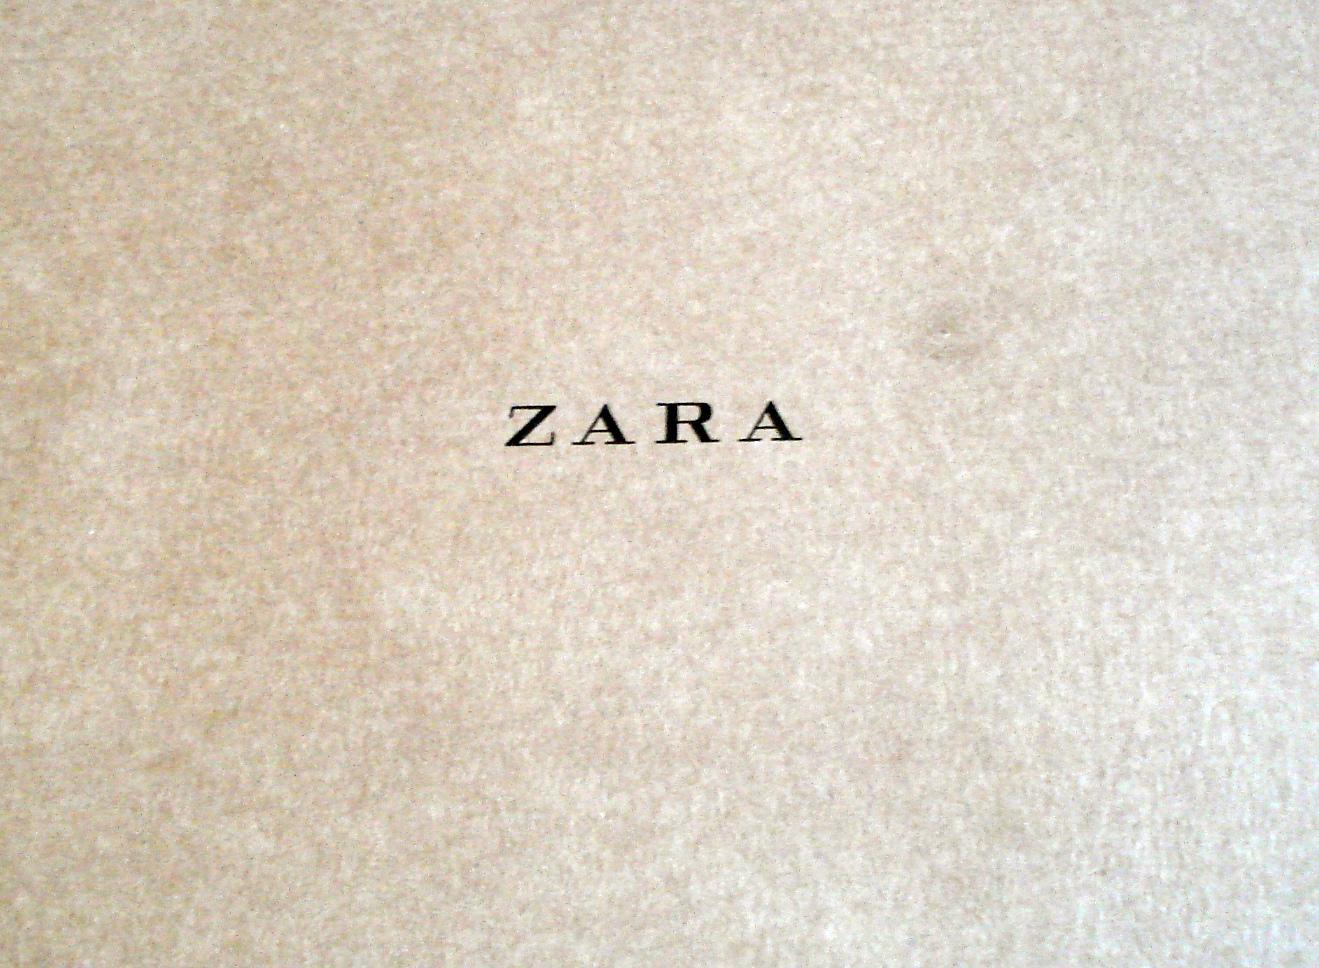 Home Uk Zara Wallpaper History Logos All Logos - Zara - HD Wallpaper